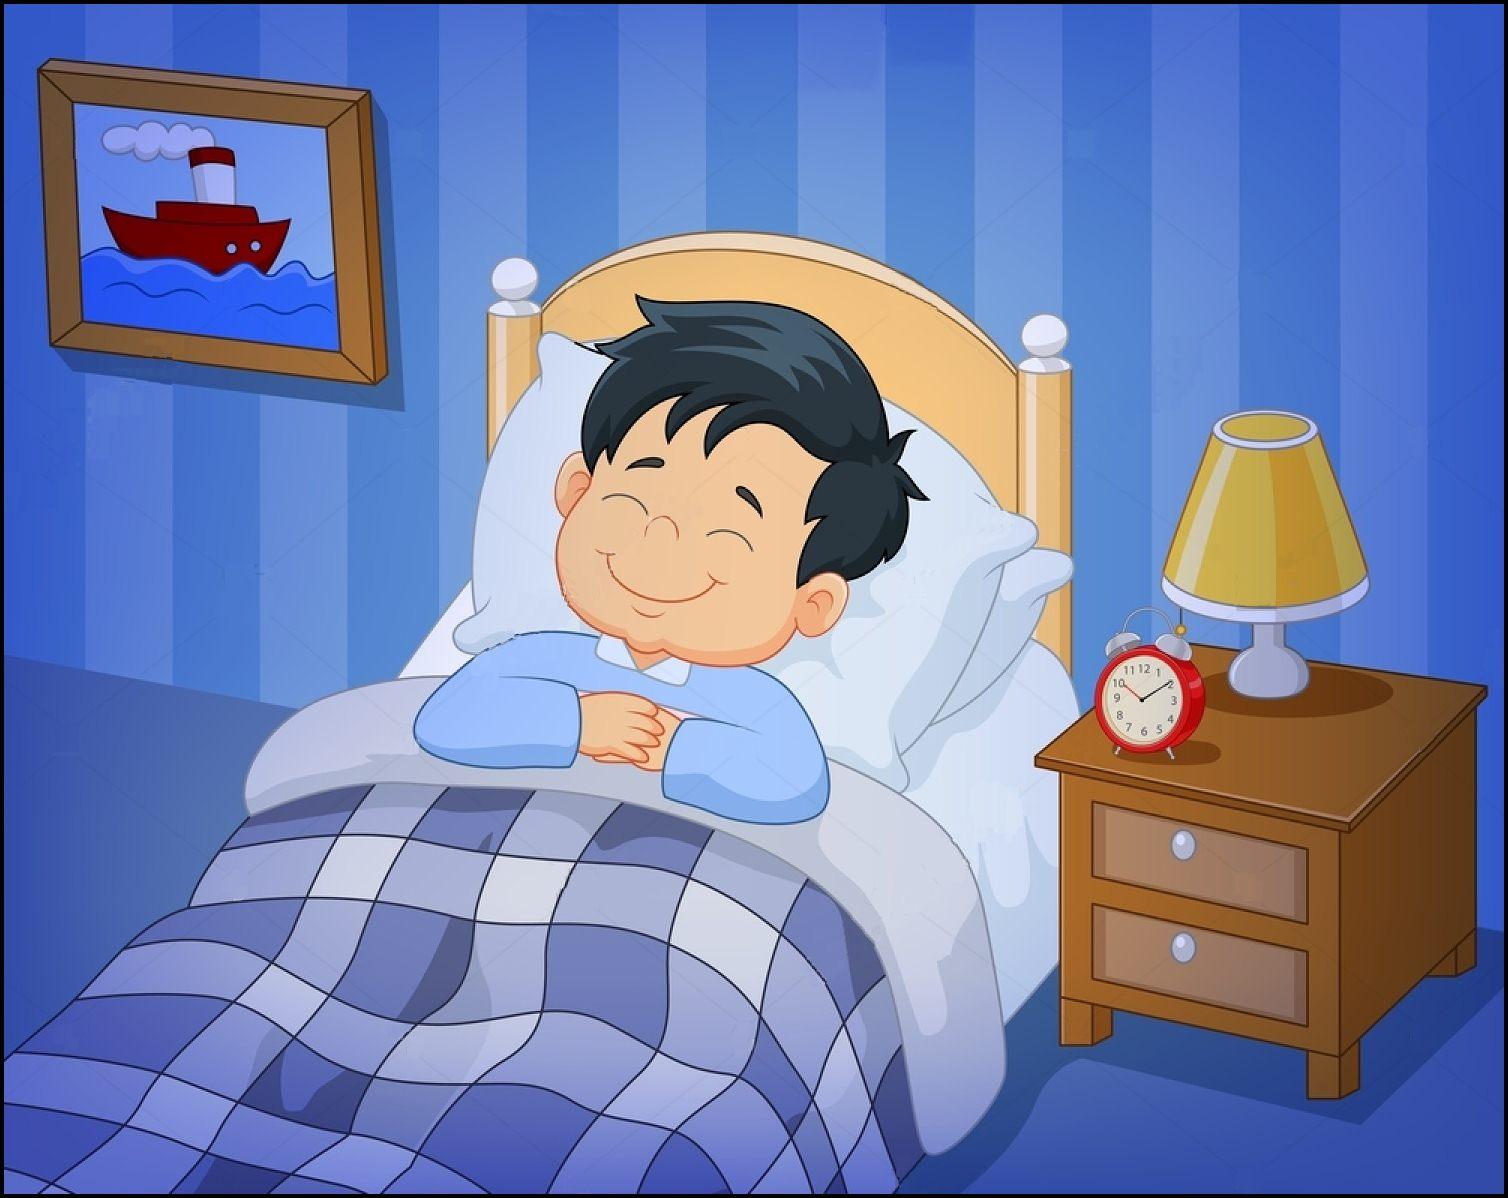 Hasil gambar untuk gambar tentang orang berdoa saat bangun tidur